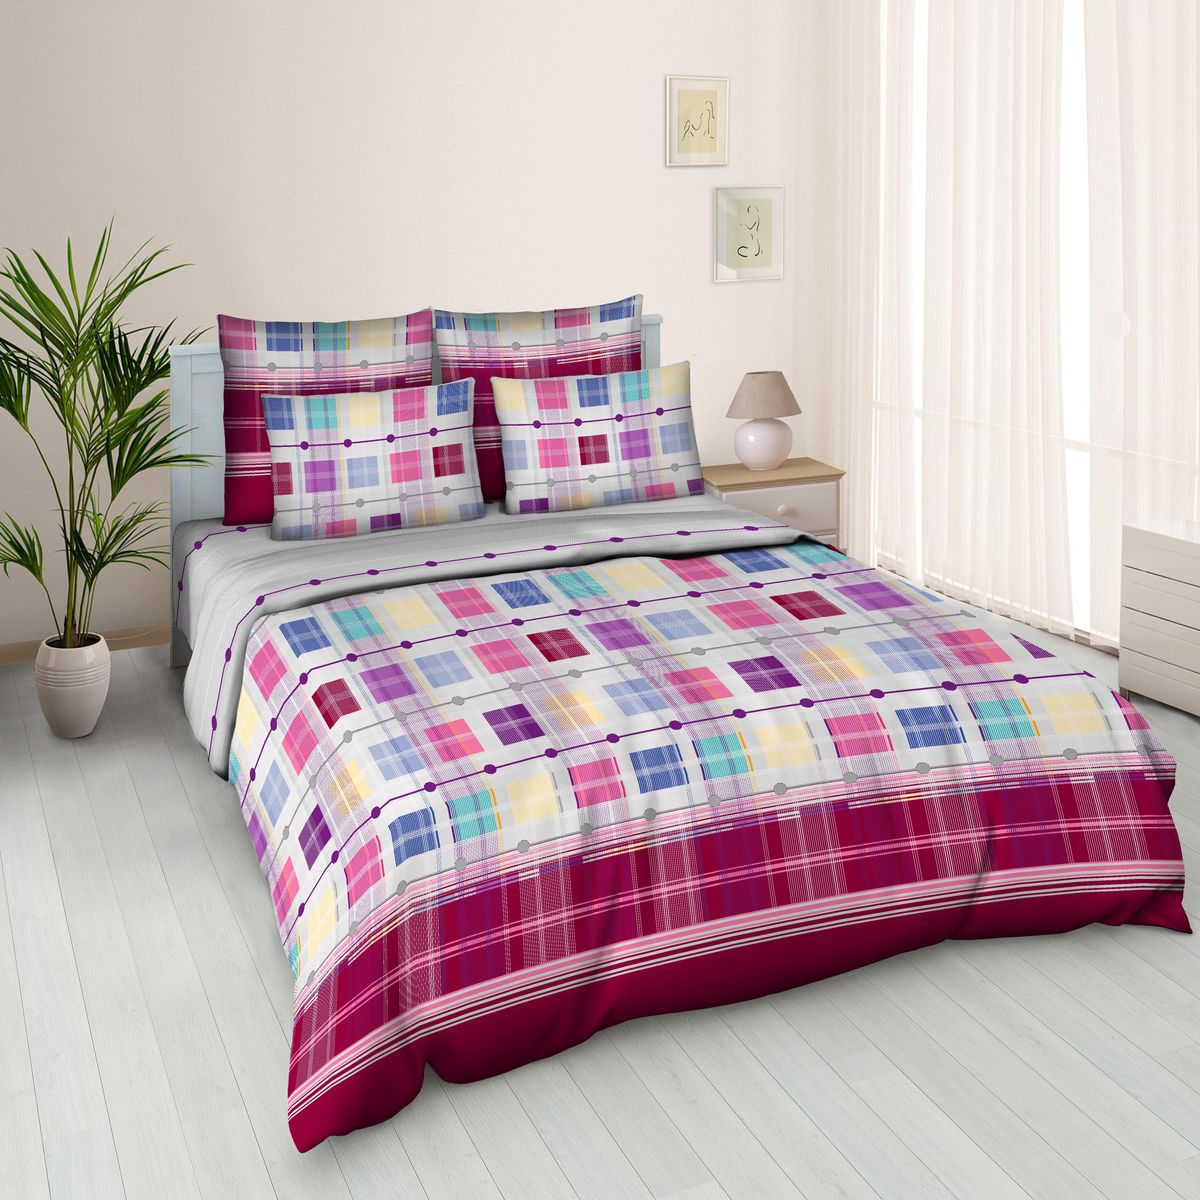 Комплект белья Amore Mio Alfred 4, 2-спальный, наволочки 70х7087049Постельное белье из бязи практично и долговечно, а самое главное - это 100% хлопок! Материал великолепно отводит влагу, отлично пропускает воздух, не капризен в уходе, легко стирается и гладится. Новая коллекция Naturel 3-D дизайнов позволит выбрать постельное белье на любой вкус!